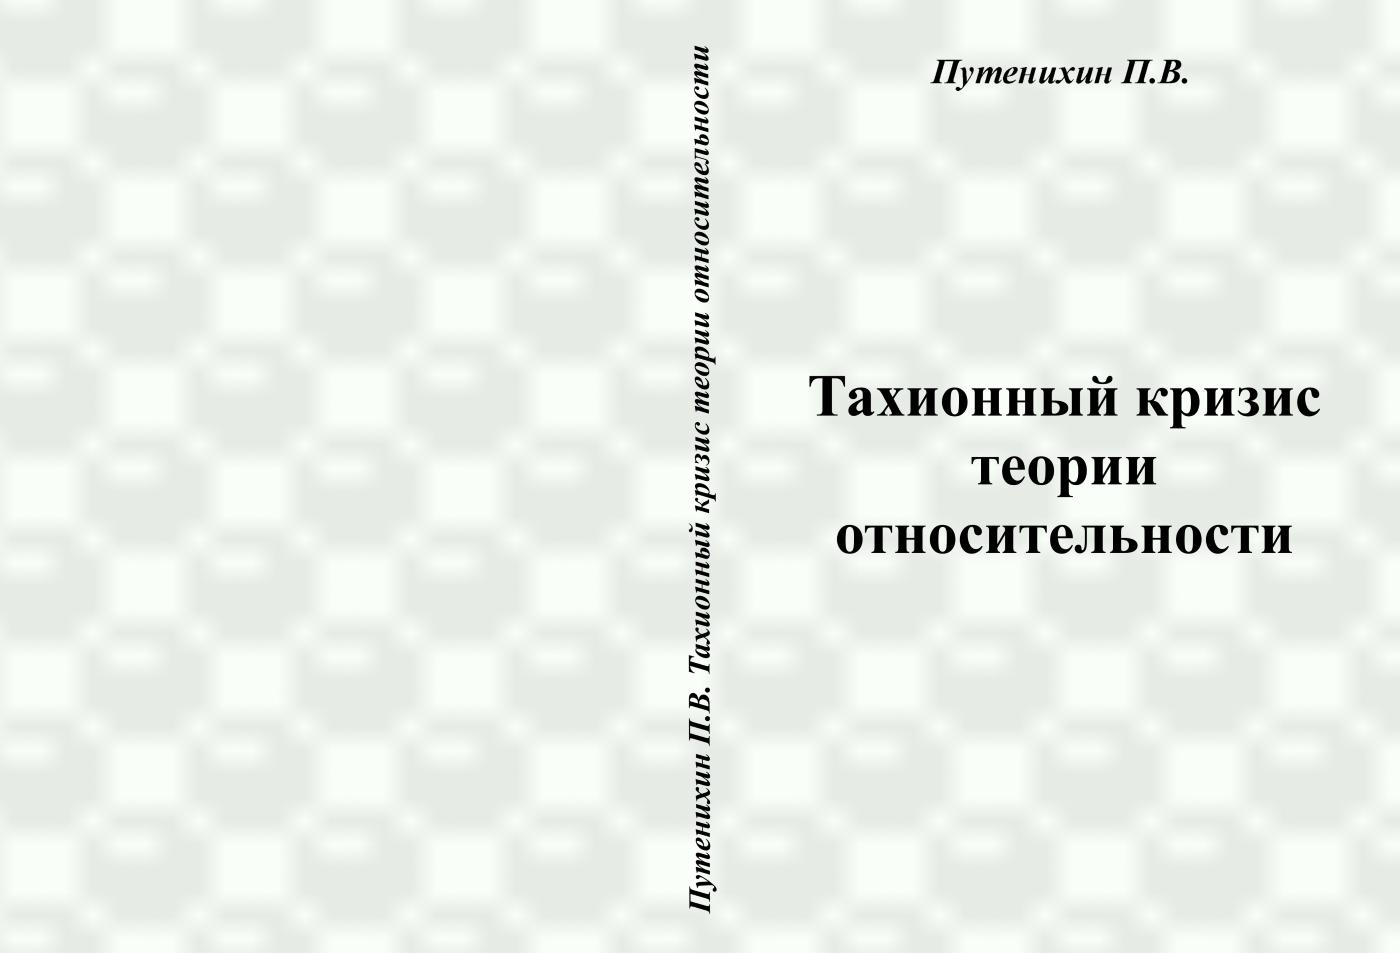 На фото: Путенихин П.В., Тахионный кризис теории относительности, автор: ppv